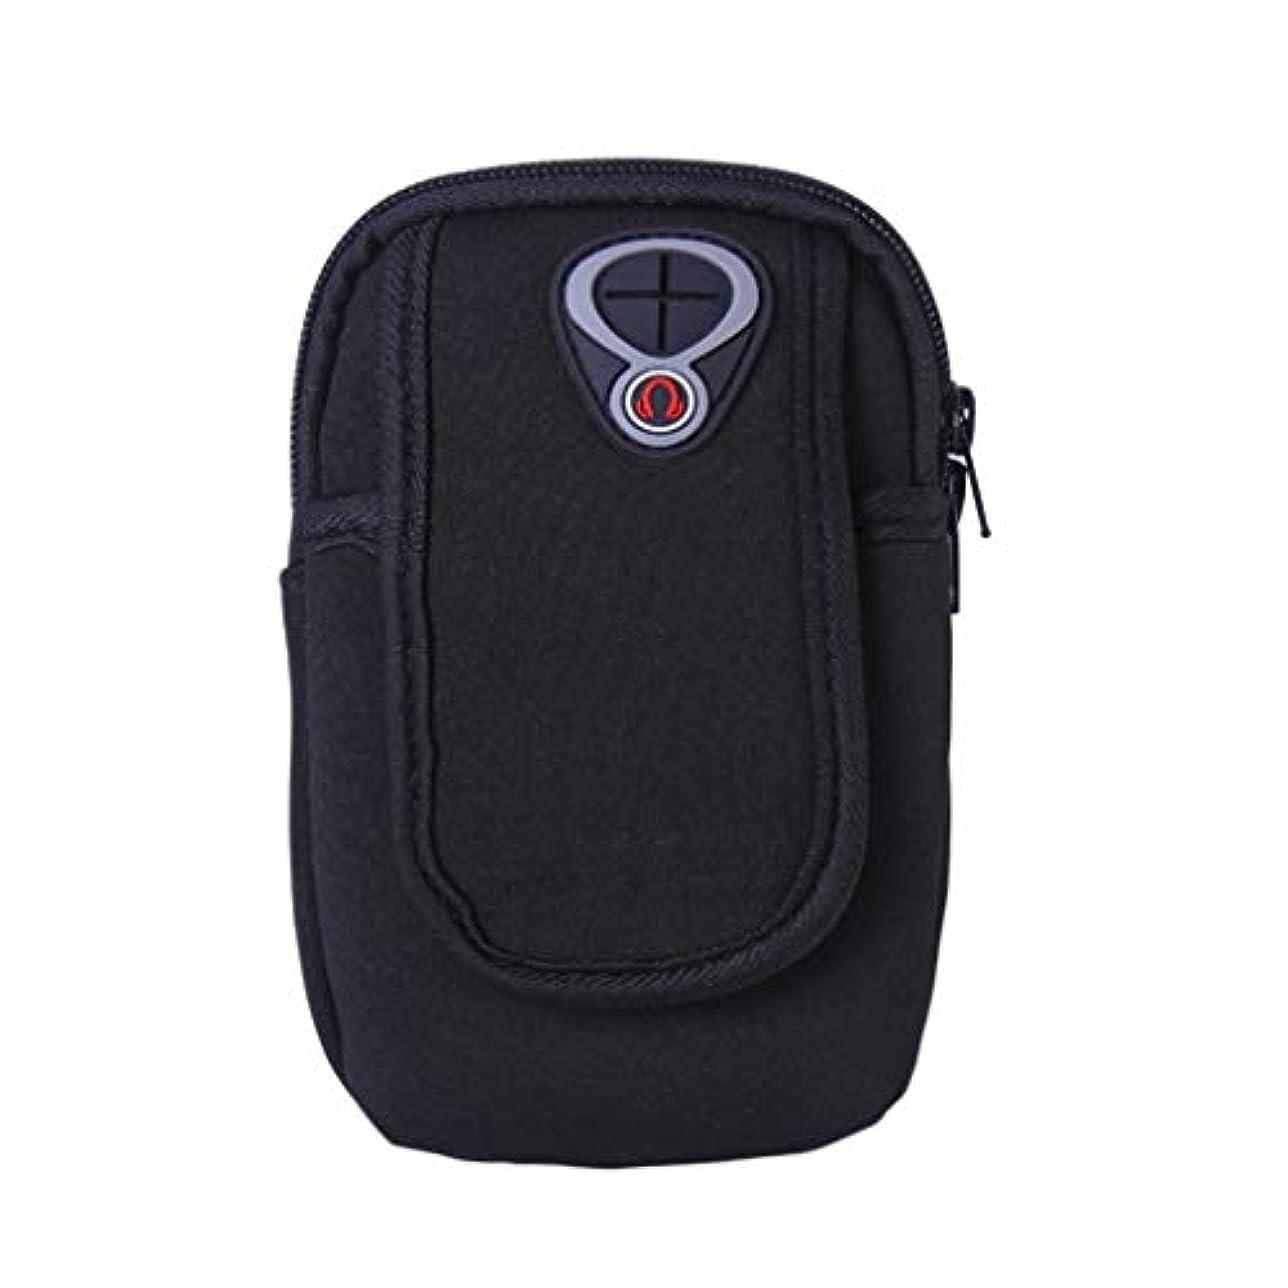 深める変形消えるスマートフォンホルダー 携帯ケース YOKINO 通気性抜群 小物収納 防水防汗 軽量 縫い目なし 調節可能 男女共用